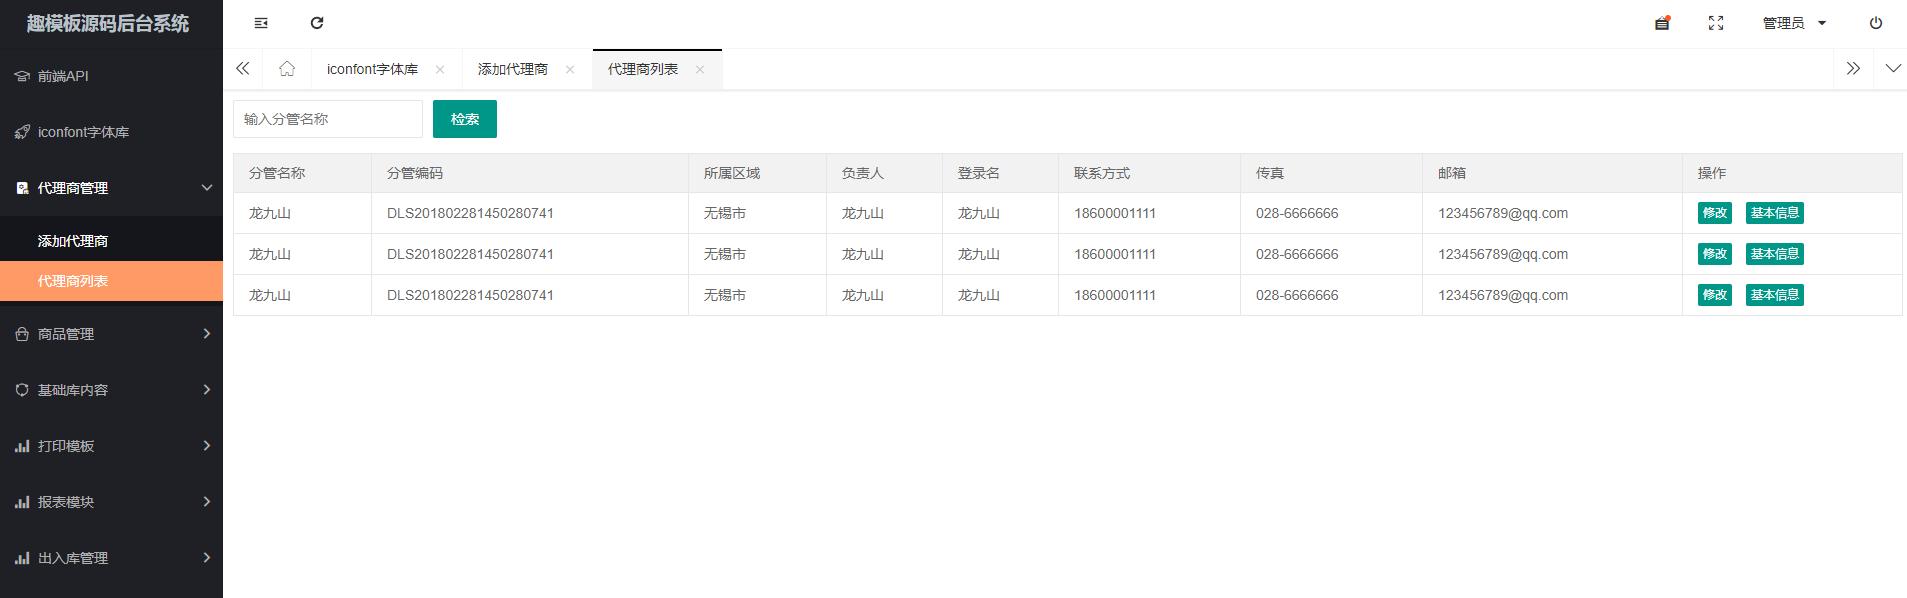 黑色大气商品销售订单管理后台HTML模板源码下载 兼容IE8